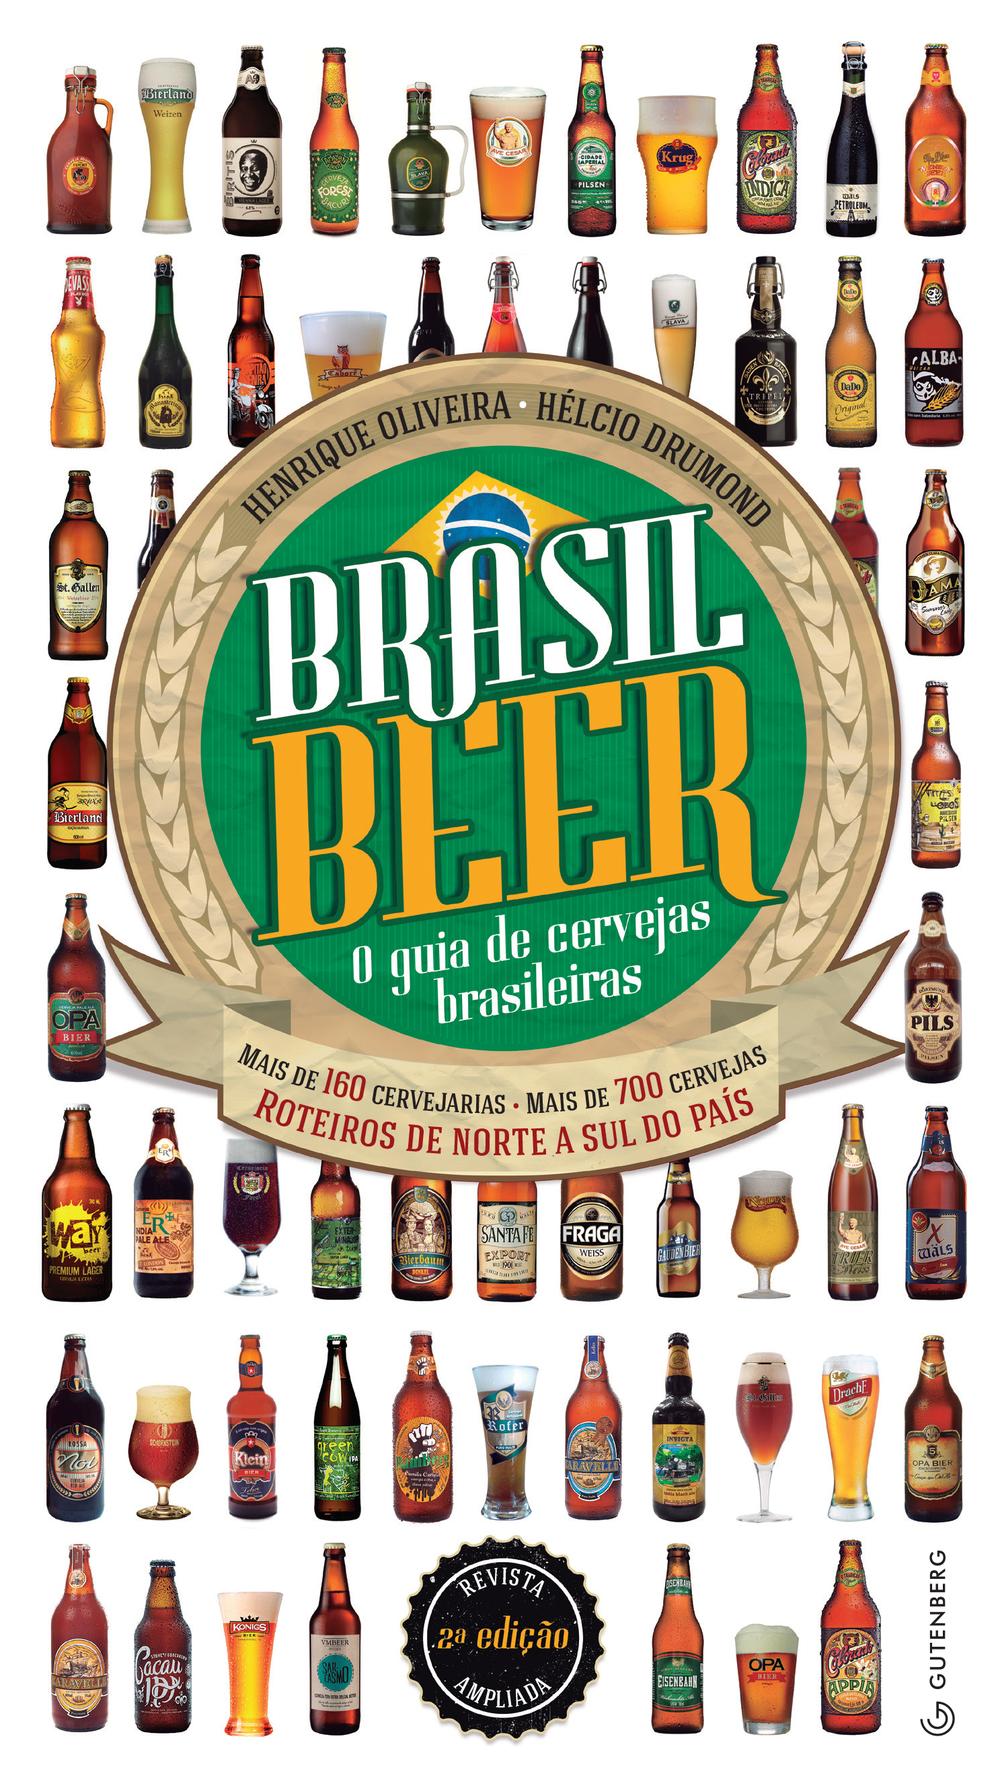 São mais de 160 cervejarias pesquisadas (Foto: Divulgação)